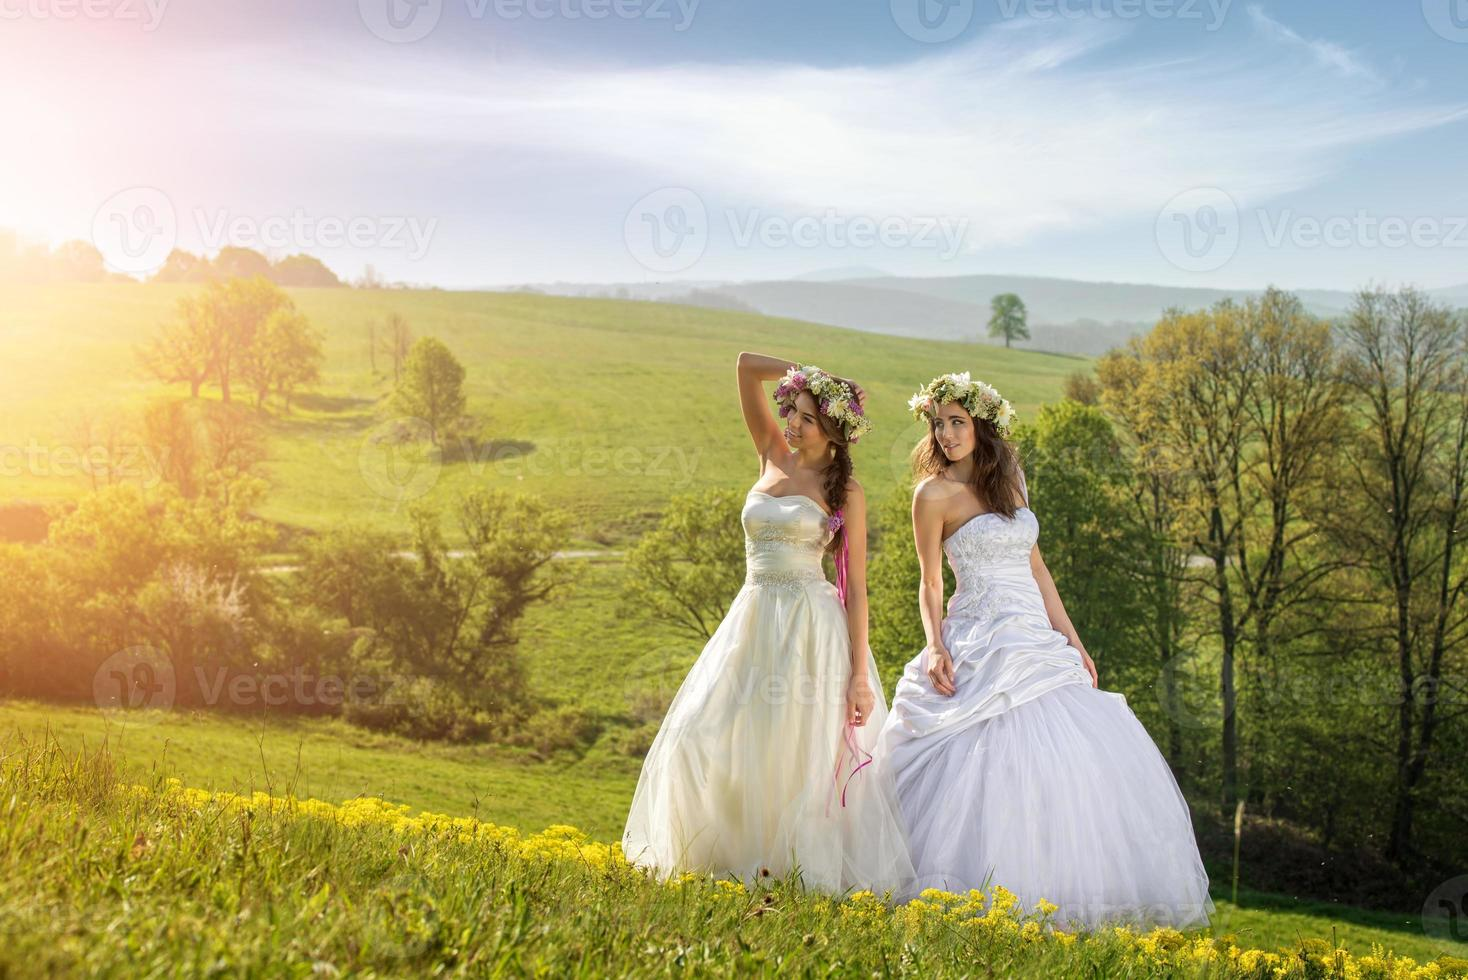 2 schöne Braut auf einer Wiese am frühen Morgen foto